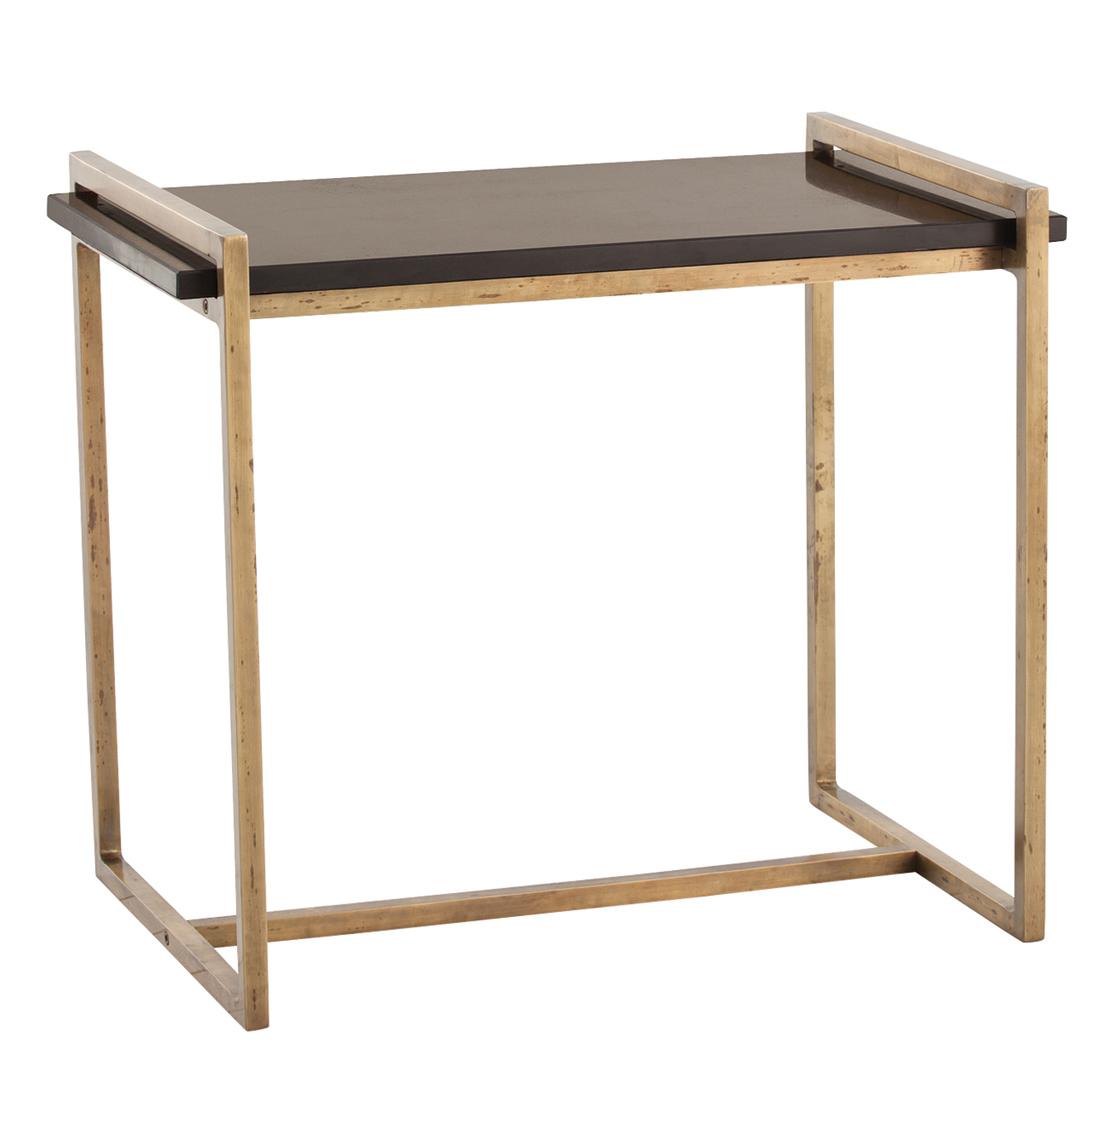 Hollis Modern Black Marble Iron Rectangular Side Table